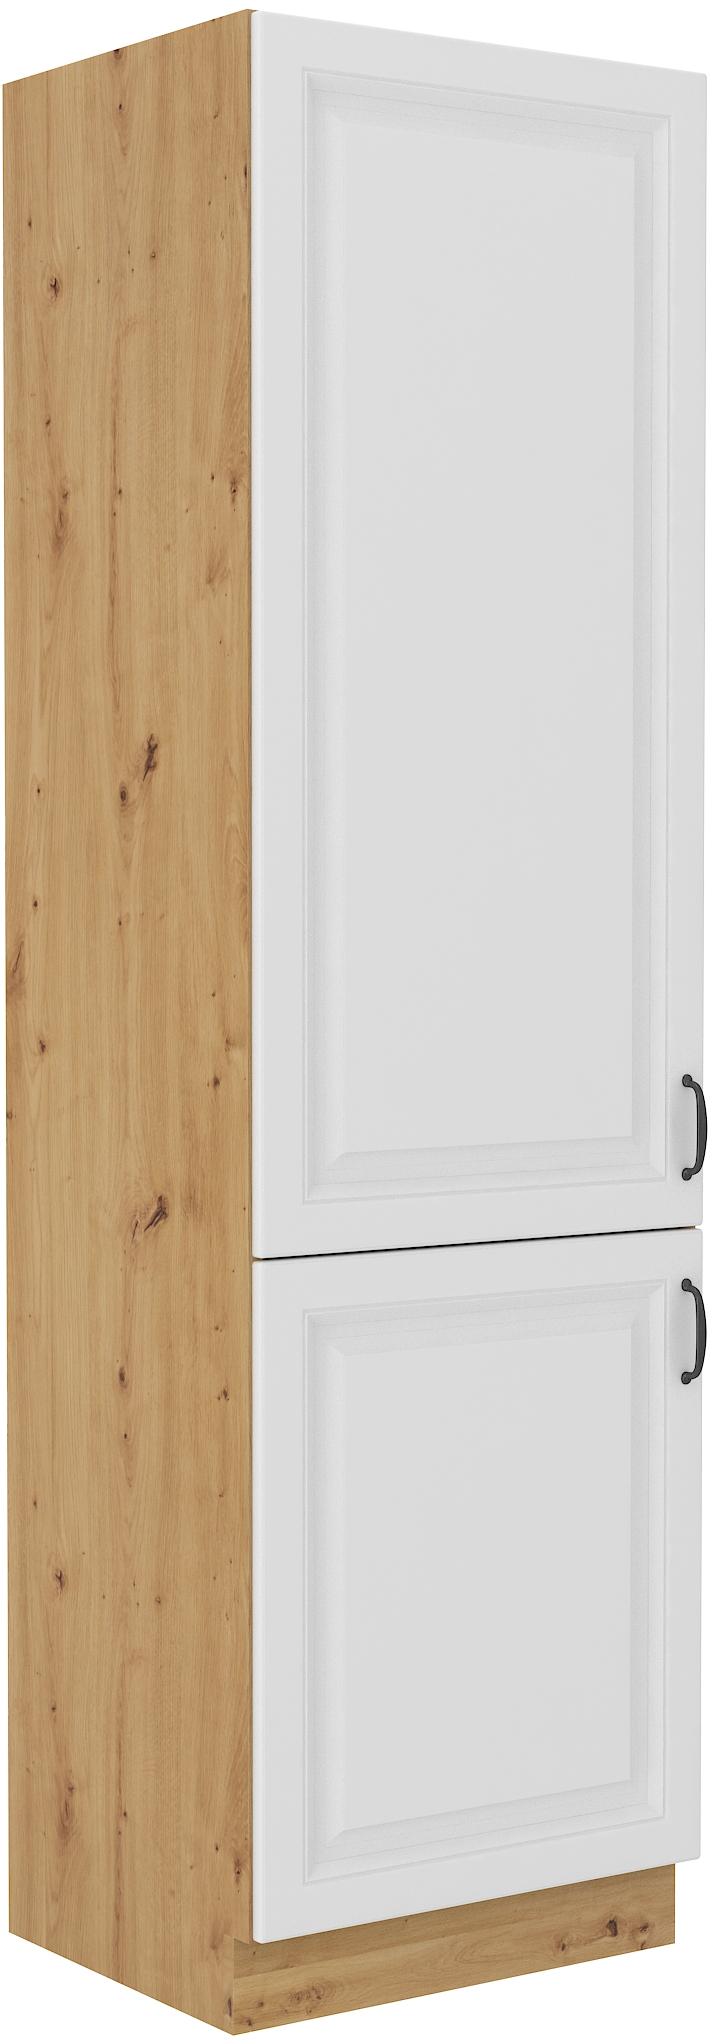 Kühlschrankumbauschrank 60/210 cm - STILO WH